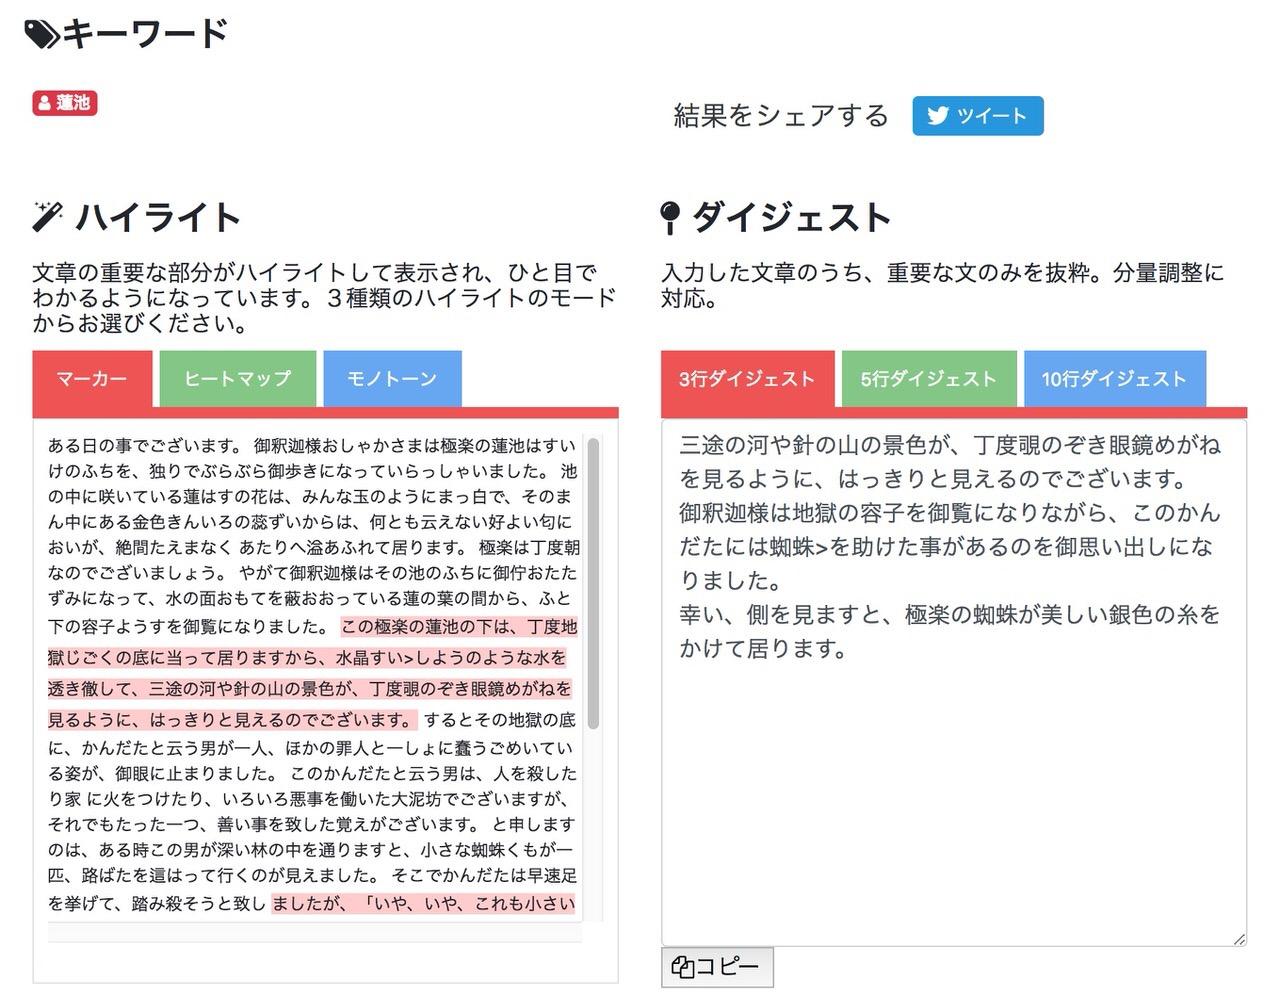 入力した文章を自動要約する「ユーザーローカル 自動要約ツール」